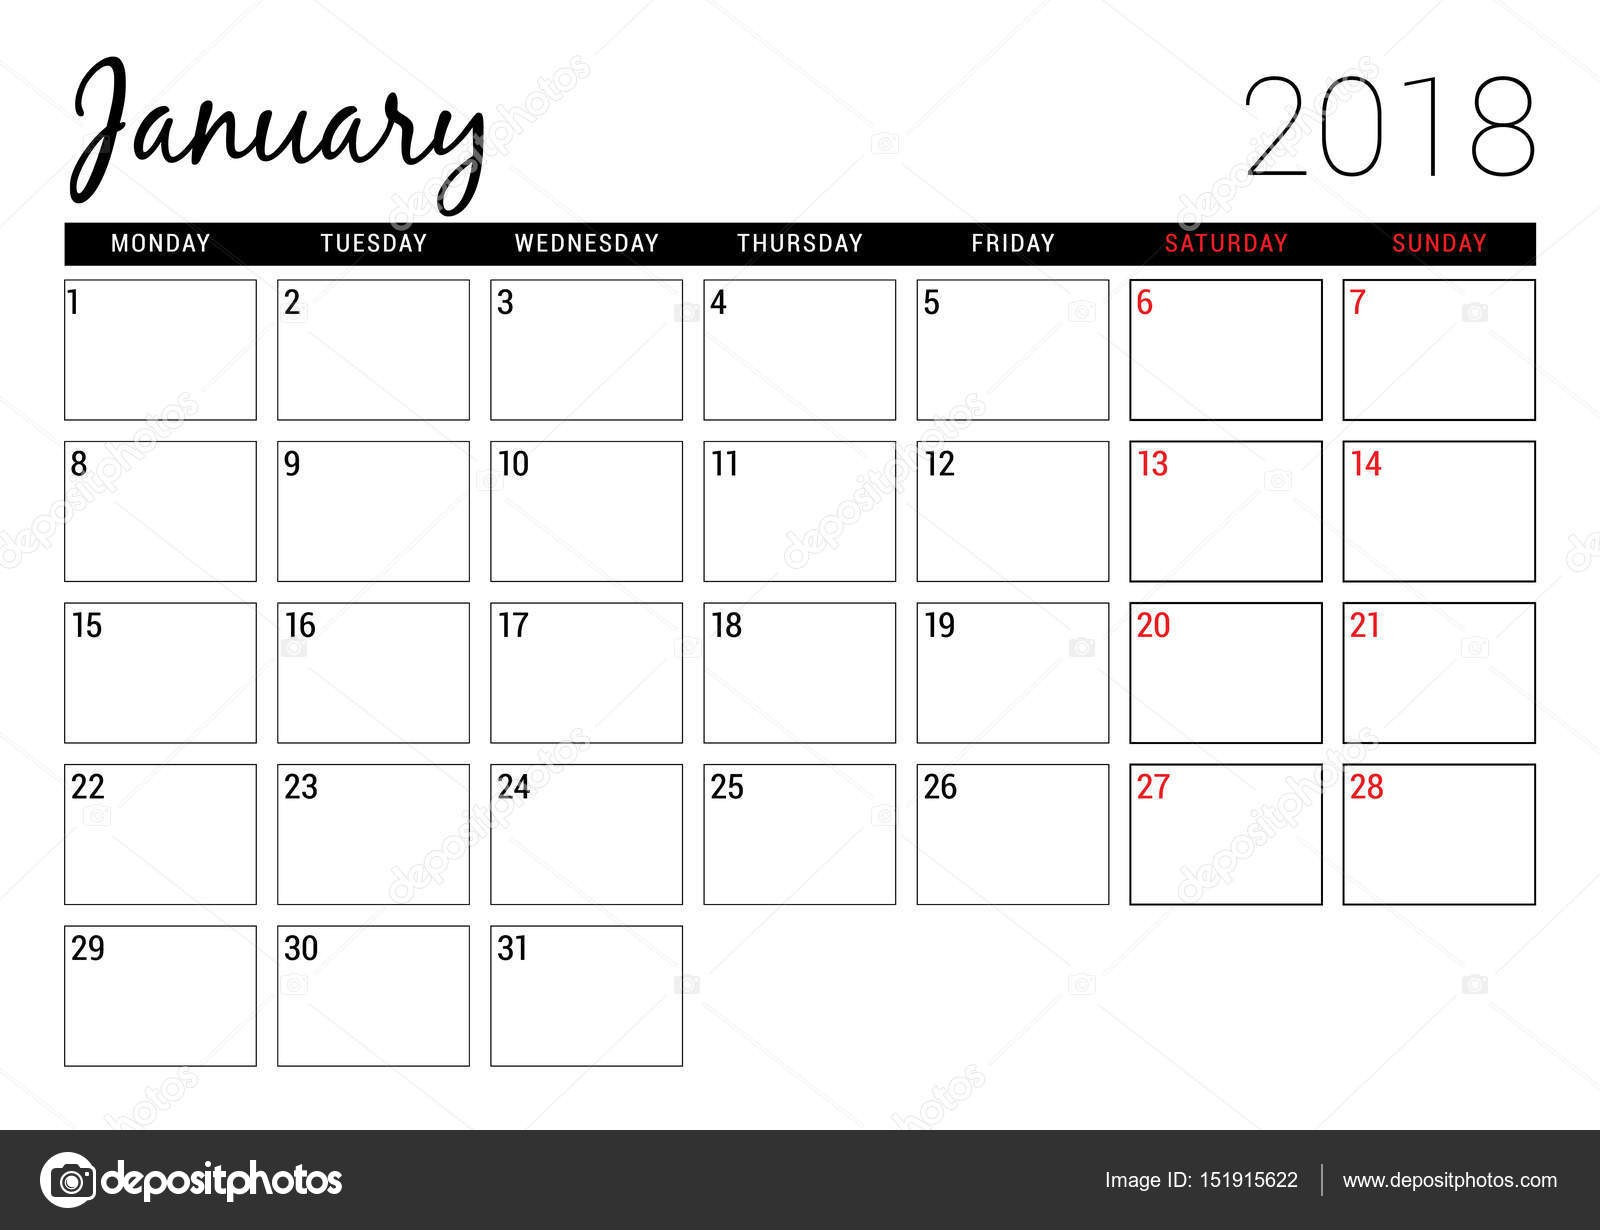 Calendario Imprimir Semanas Más Recientes Enero De 2018 Plantilla De Dise±o De Calendario Para Imprimir Of Calendario Imprimir Semanas Más Reciente Calendario Académico